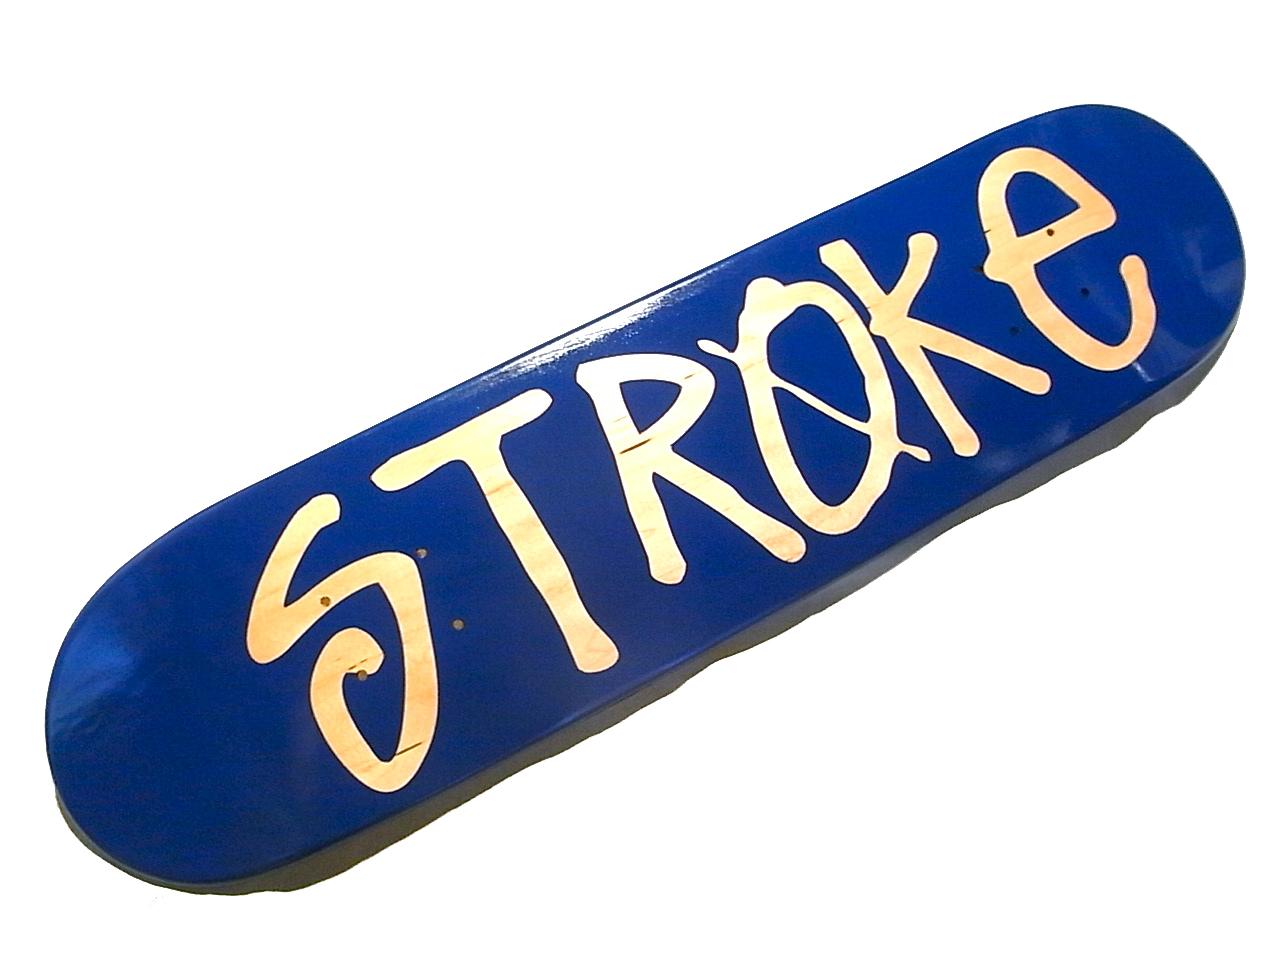 STROKE NEW SKATE DECK!!!!!!_d0101000_17573215.jpg